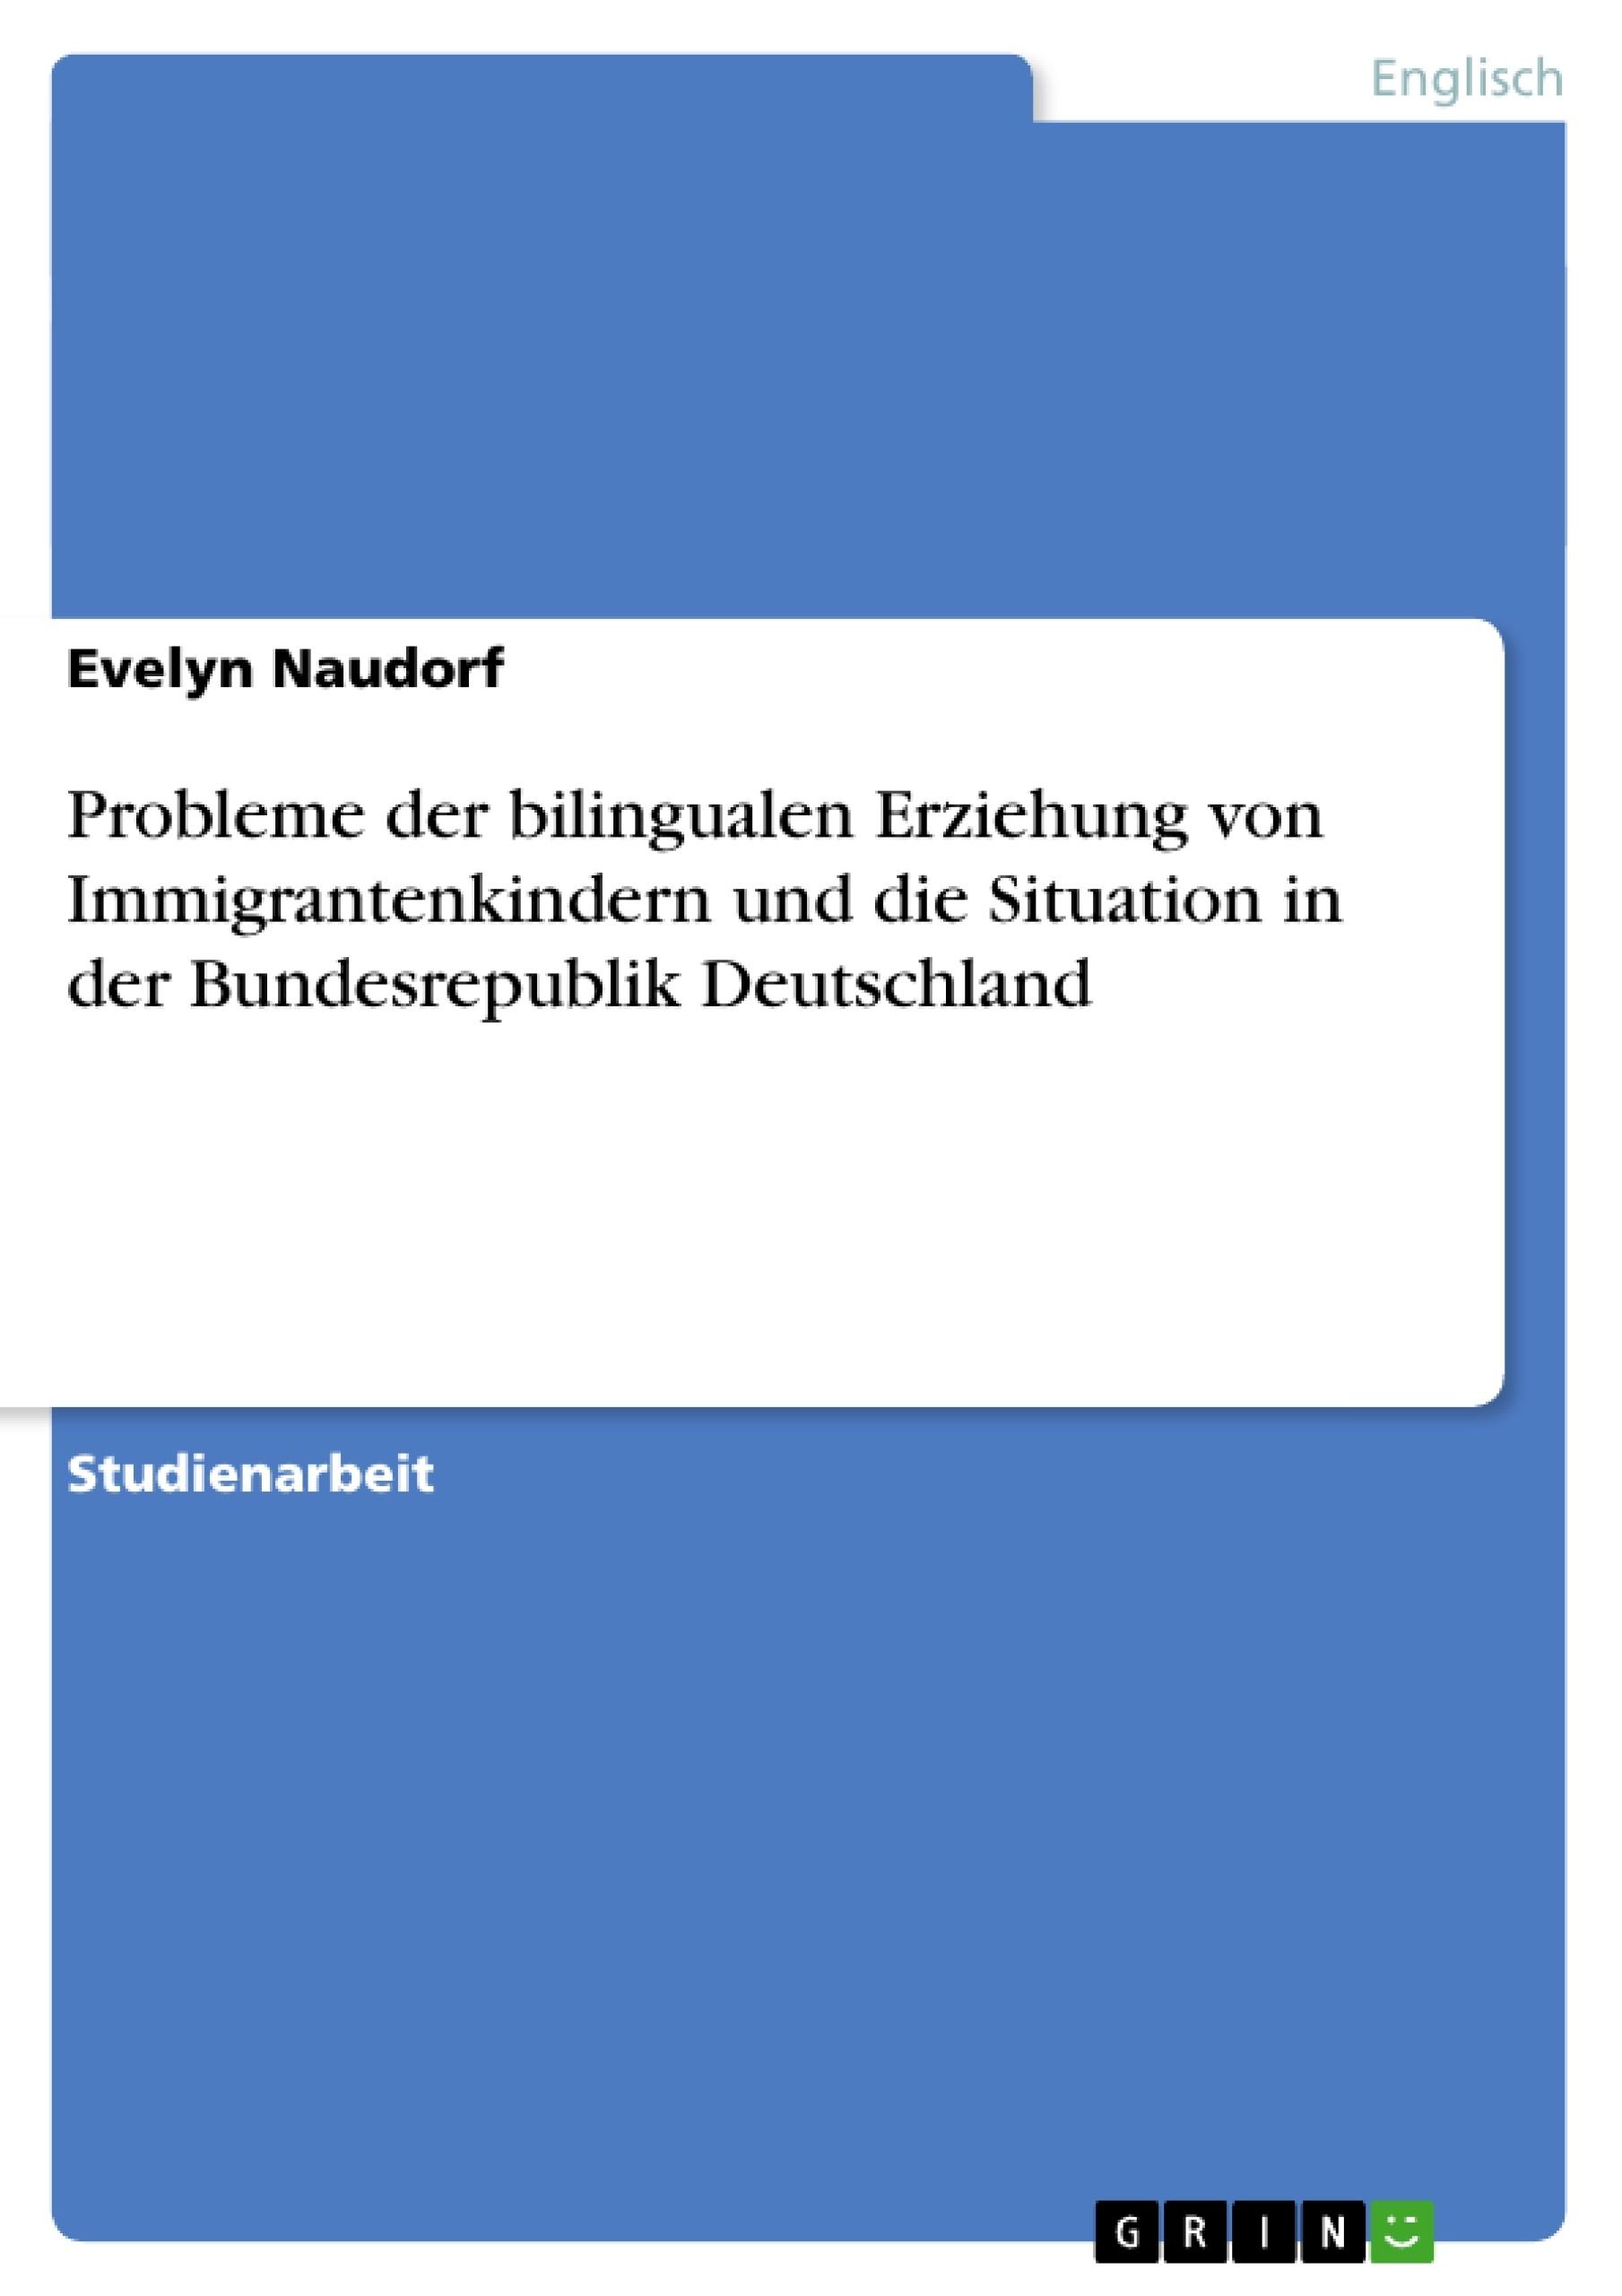 Titel: Probleme der bilingualen Erziehung von Immigrantenkindern und die Situation in der Bundesrepublik Deutschland